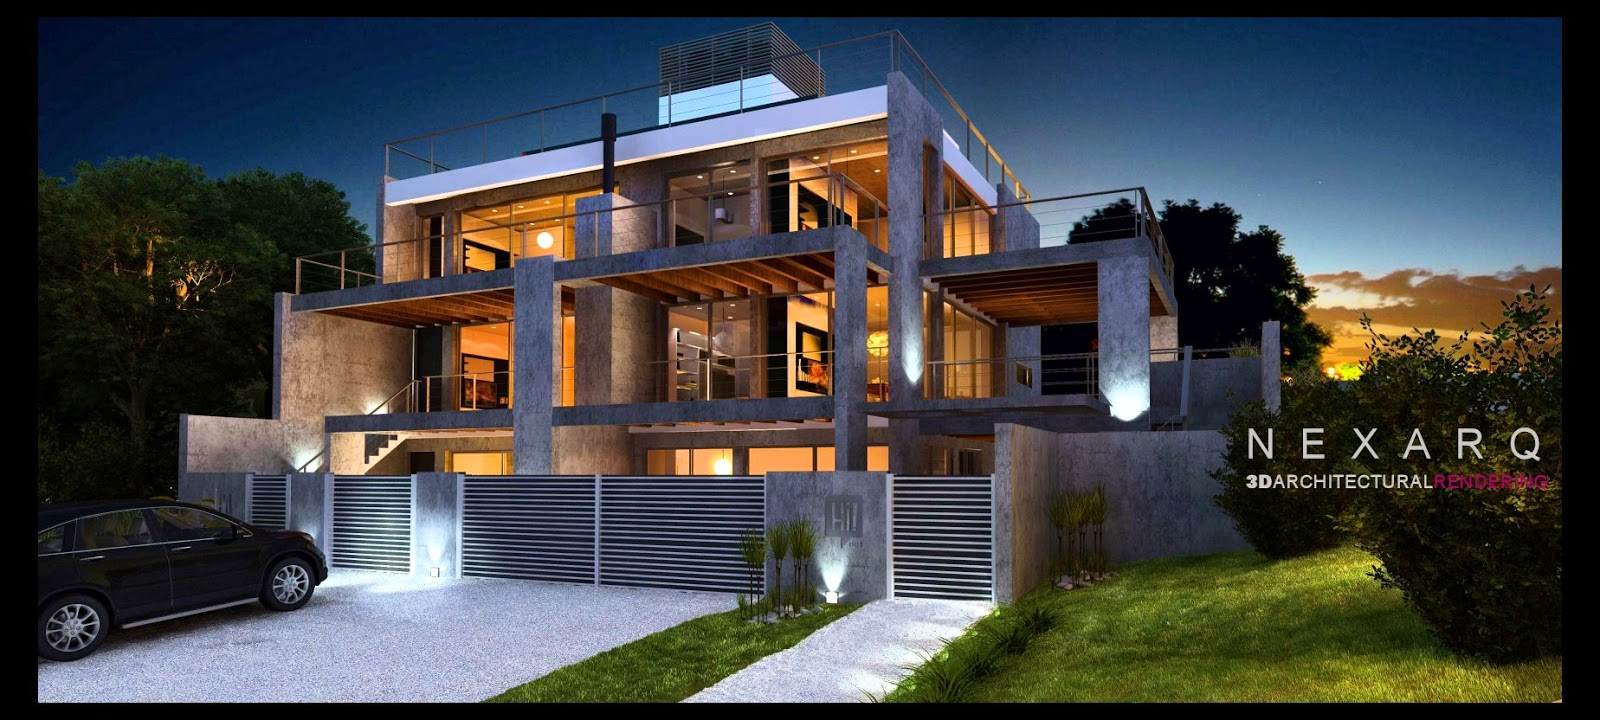 render realista, arquitectura 3D